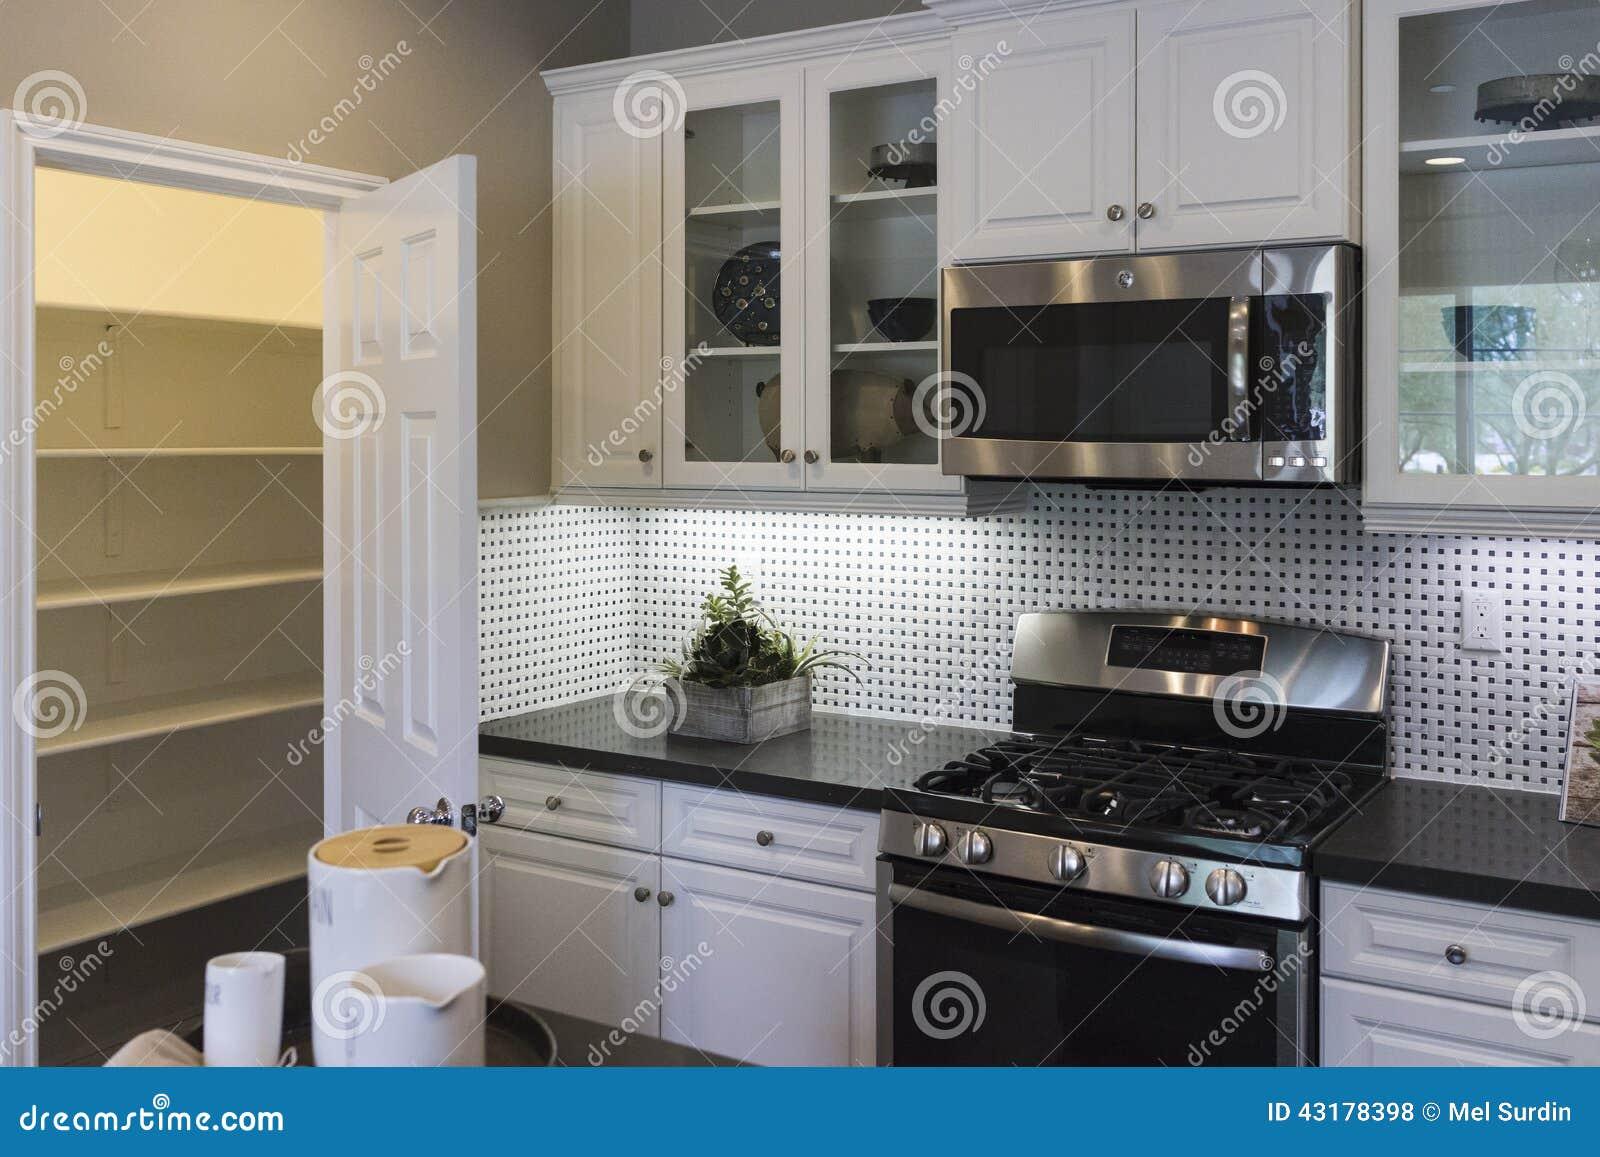 Cozinha E Despensa Da Casa Modelo Foto de Stock Imagem: 43178398 #8B7440 1300 957